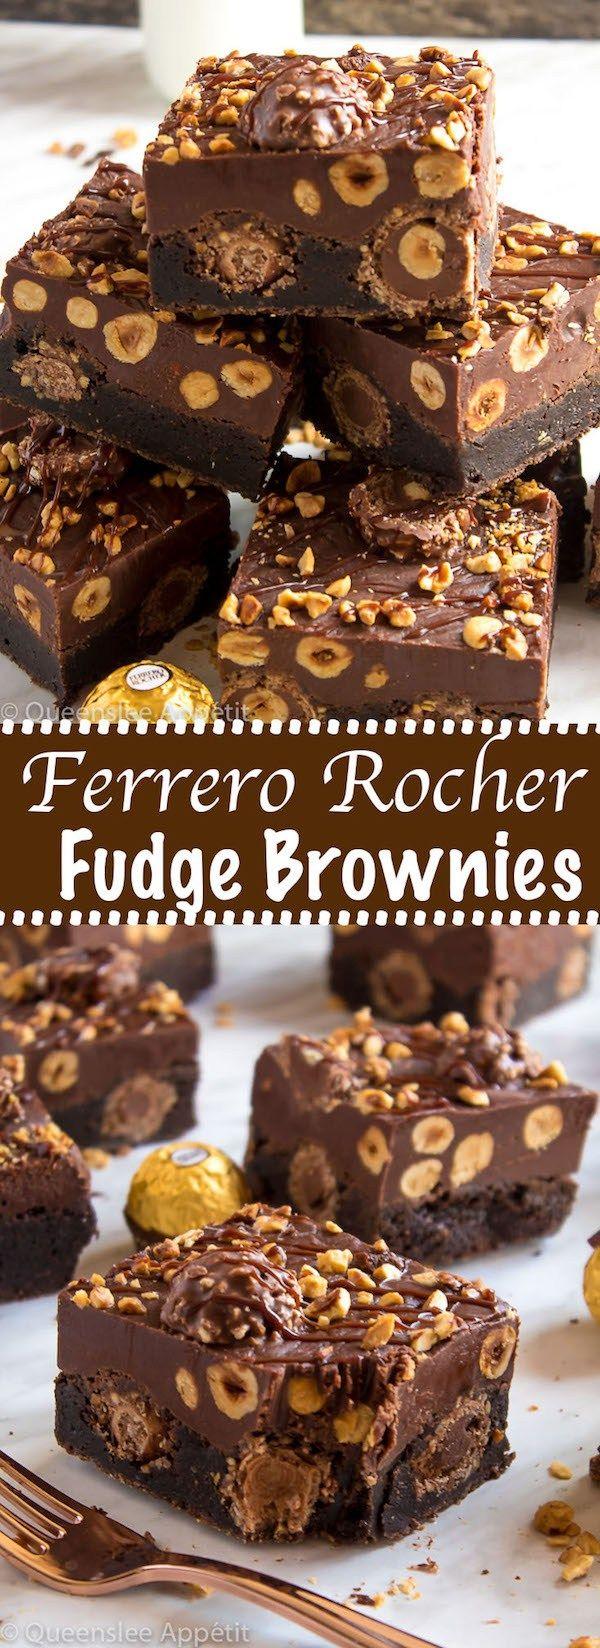 Ferrero Rocher Fudge Brownies